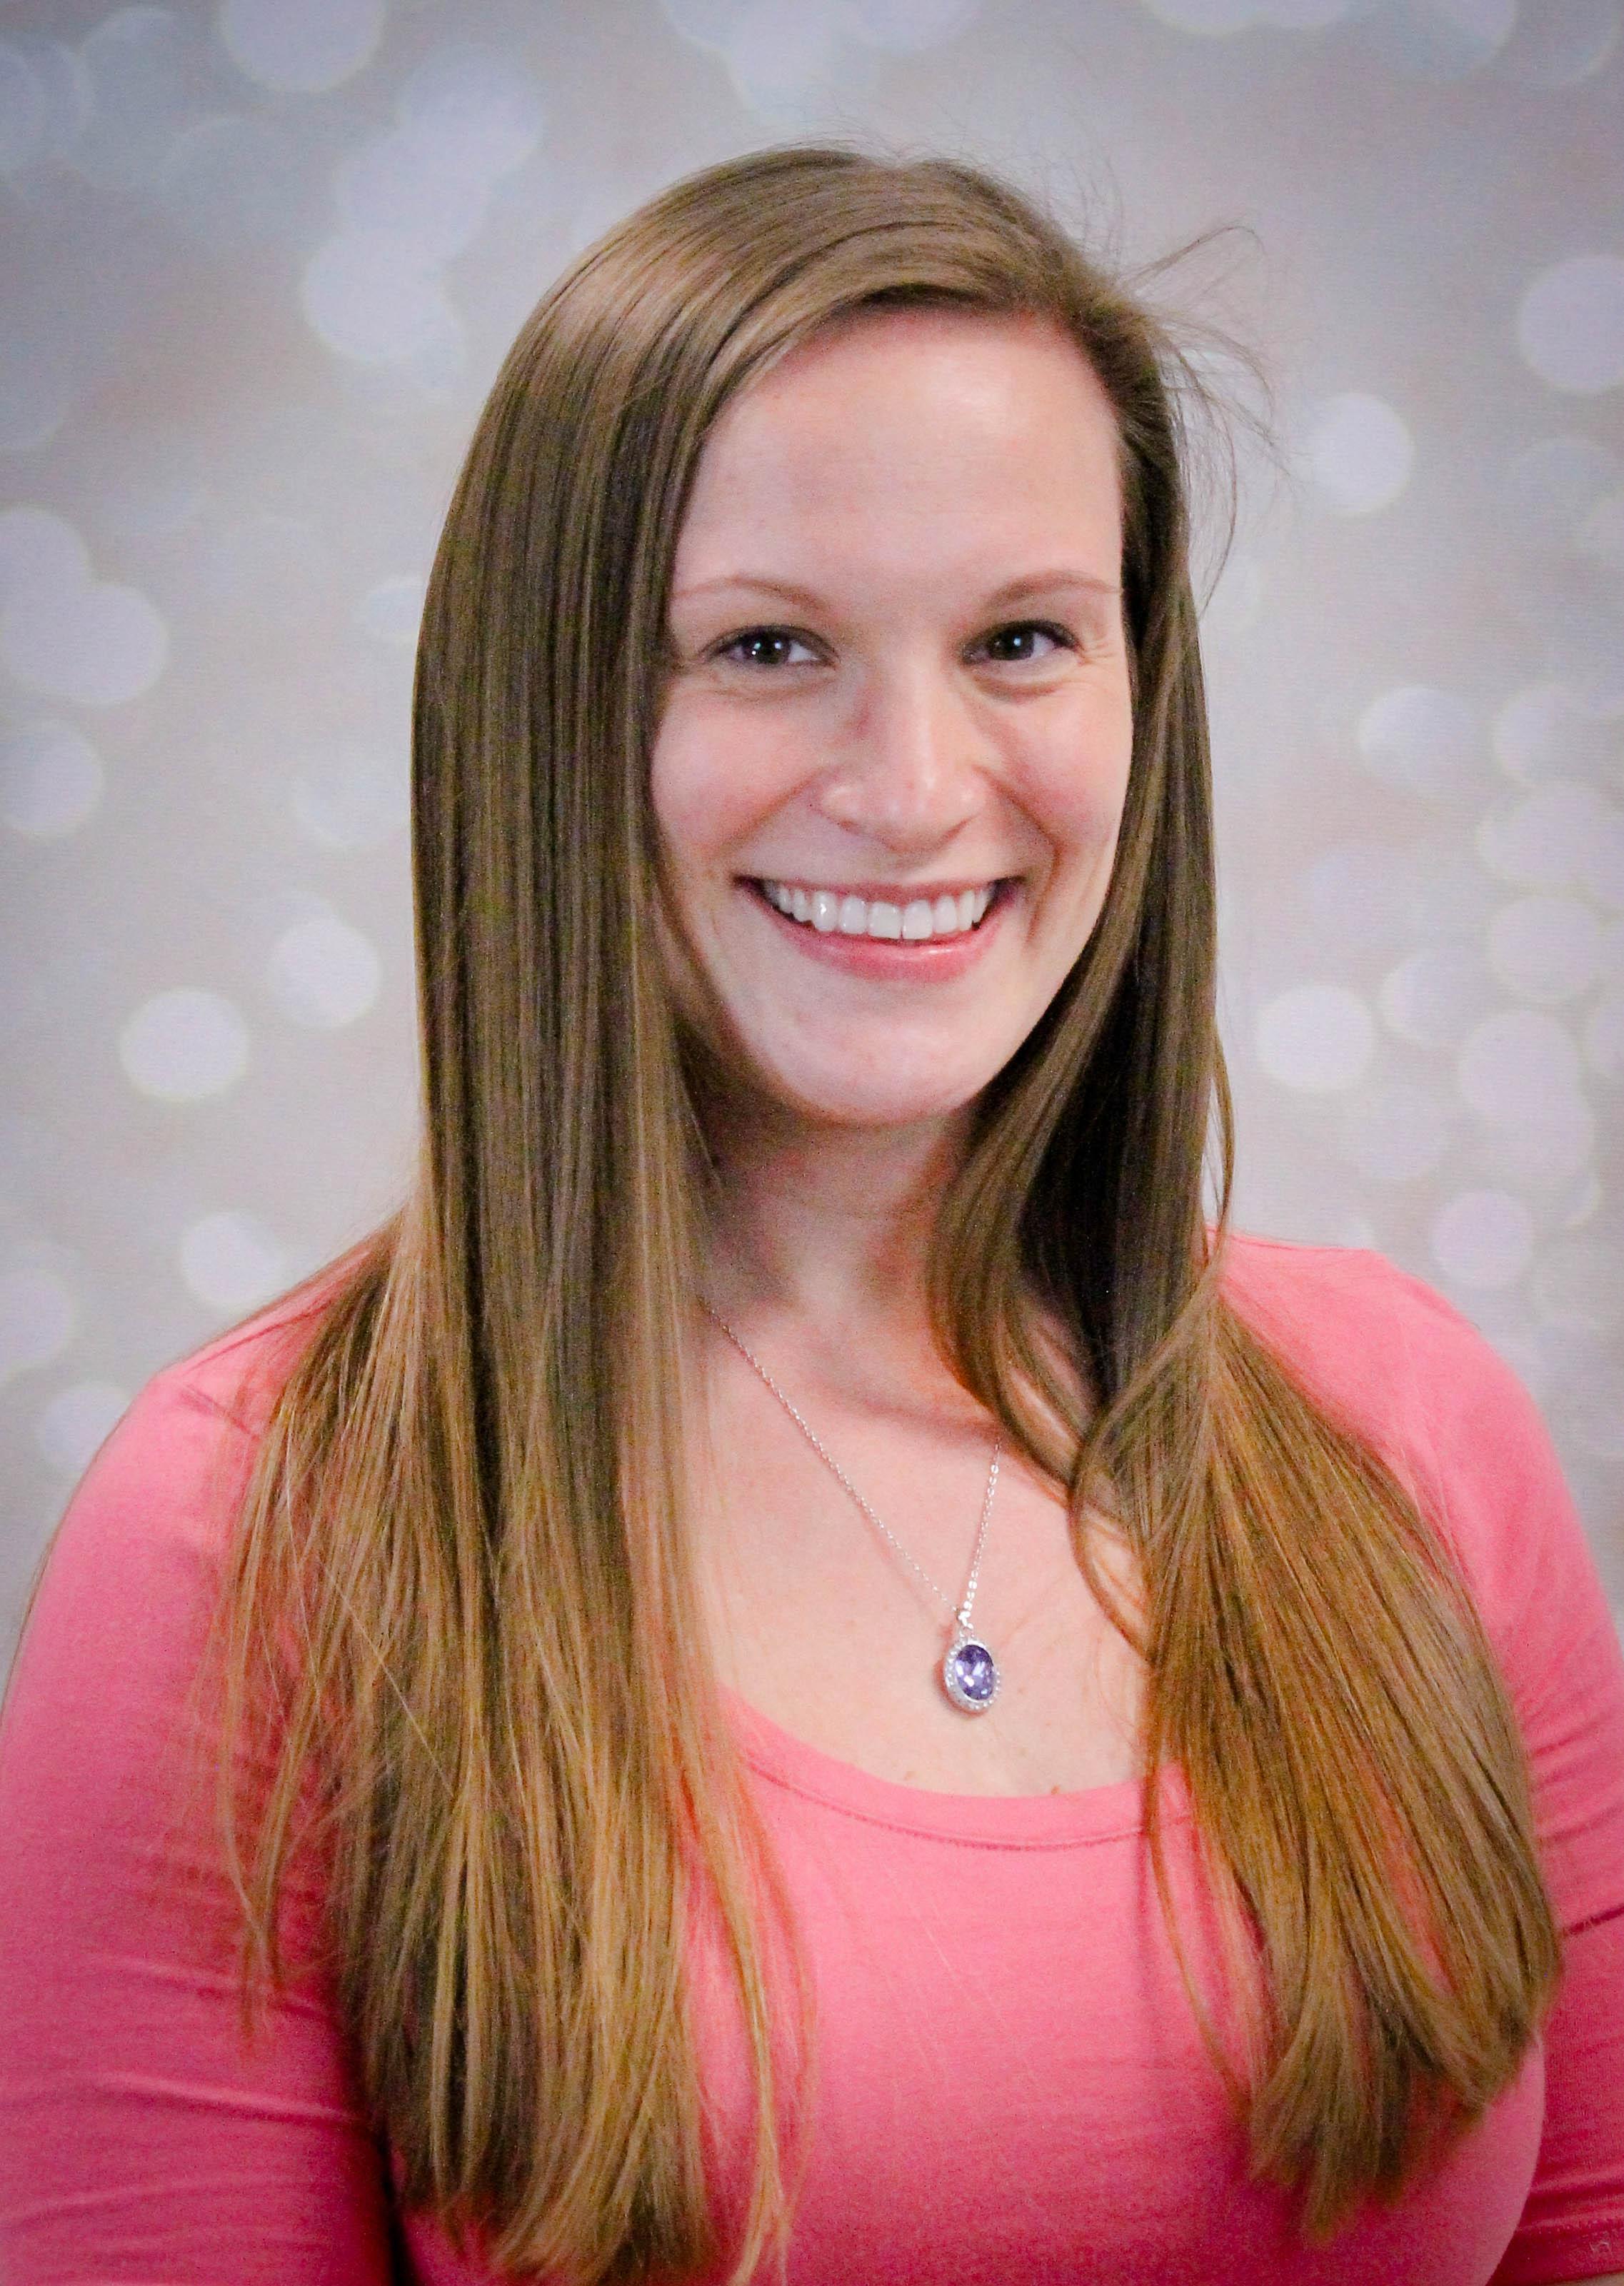 Rachel Ansel